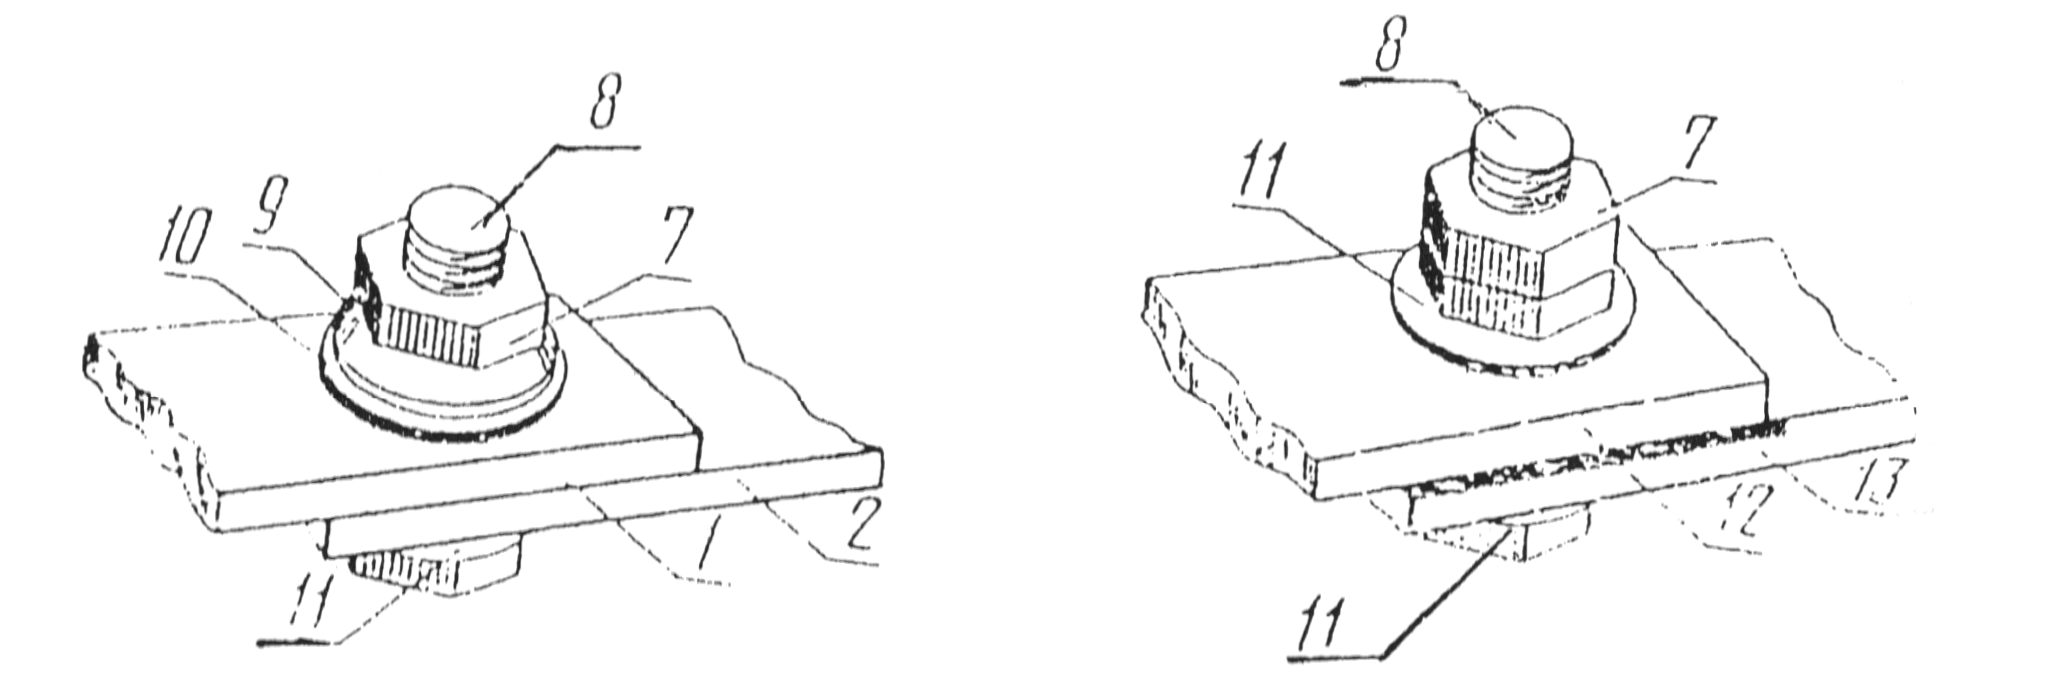 Разборные соединения проводников с плоскими контактными поверхностями со средствами стабилизации - с тарельчатой пружиной (слева) и с металлическим покрытием алюминиевых шин (справа)